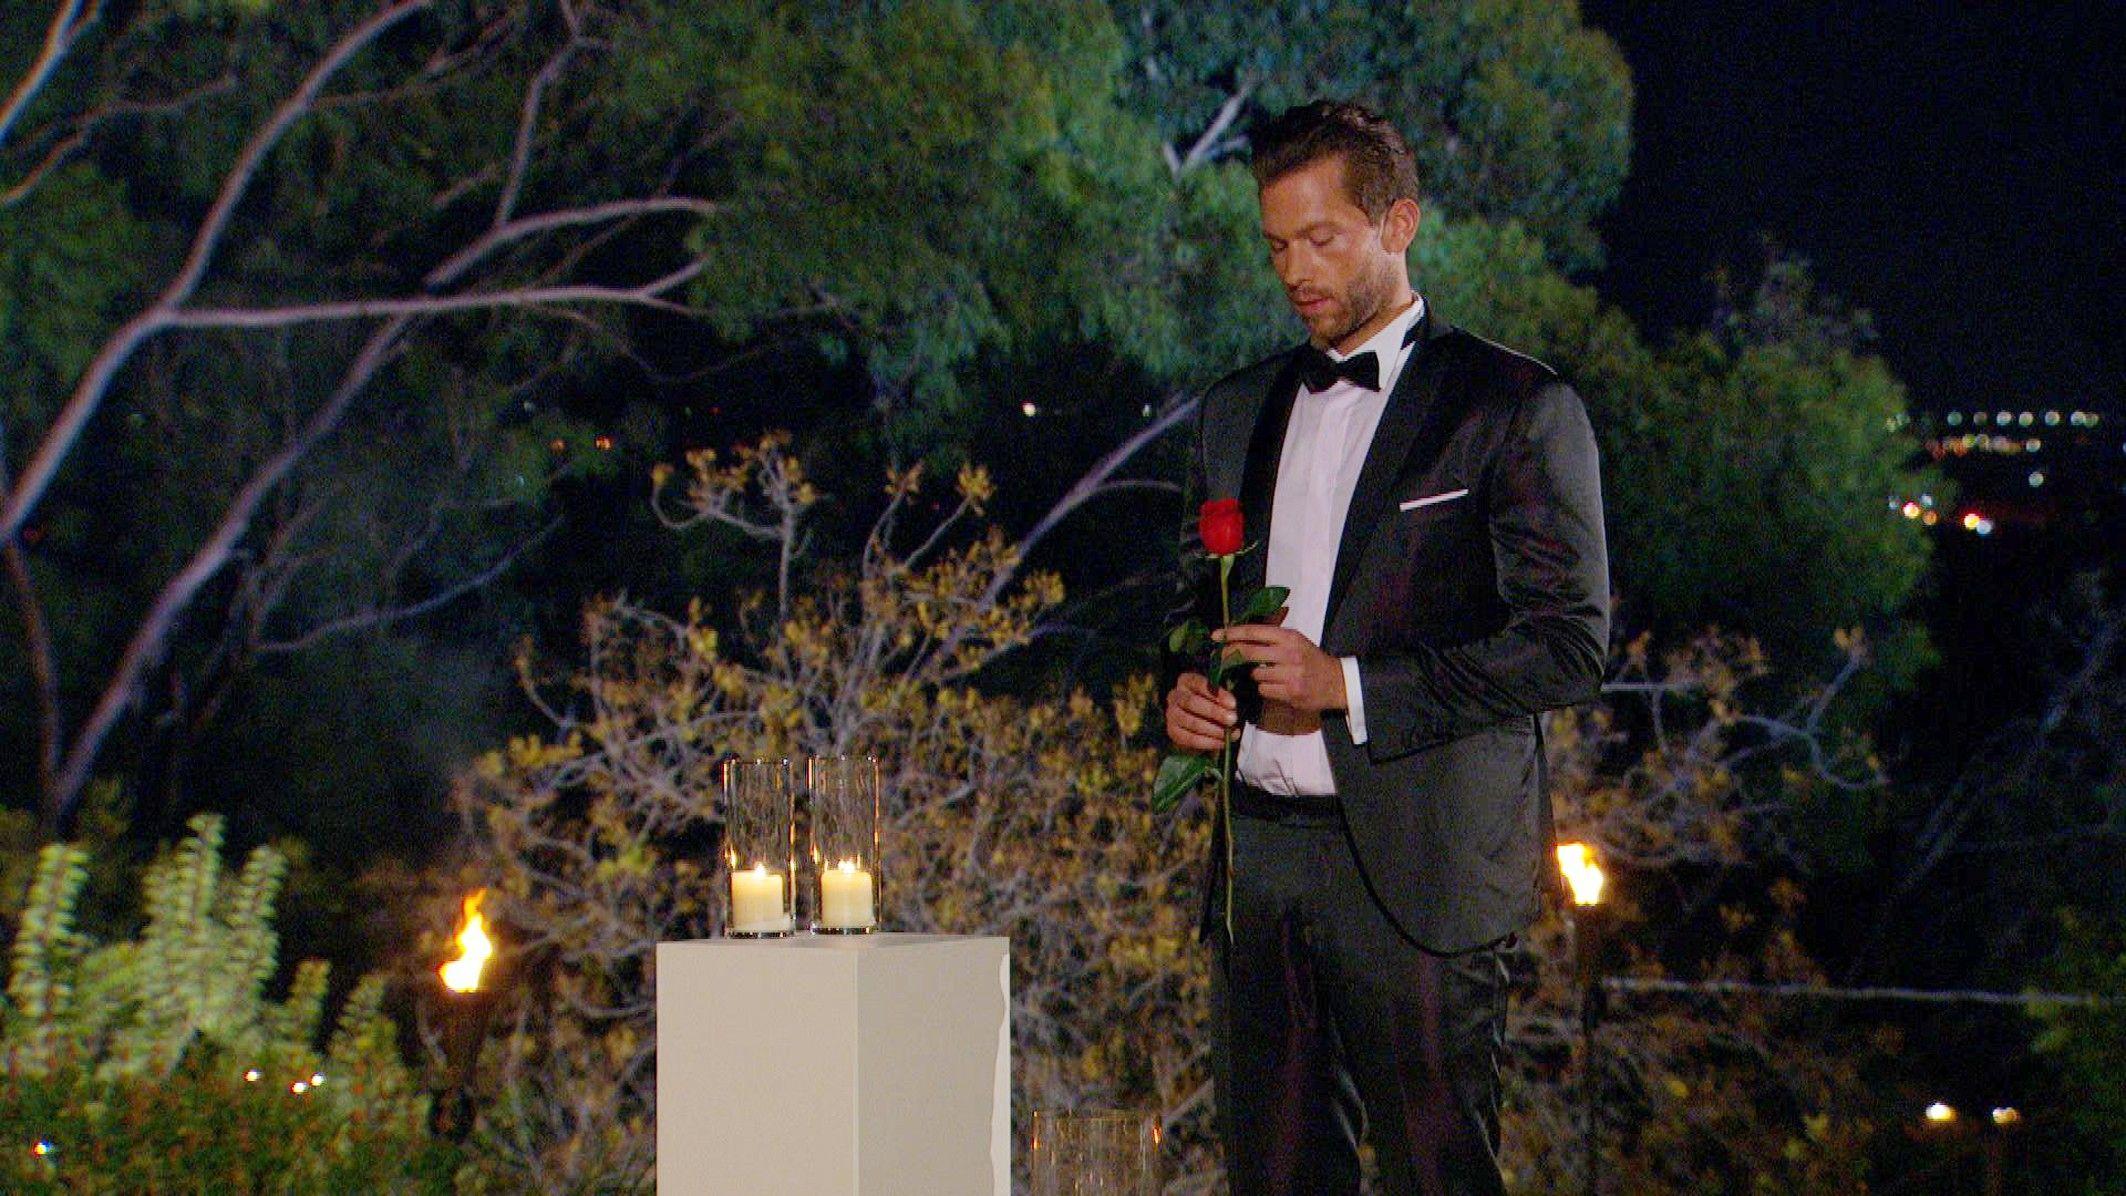 Der Bachelor 2015 Finale - Oliver vergibt die letzte Rose